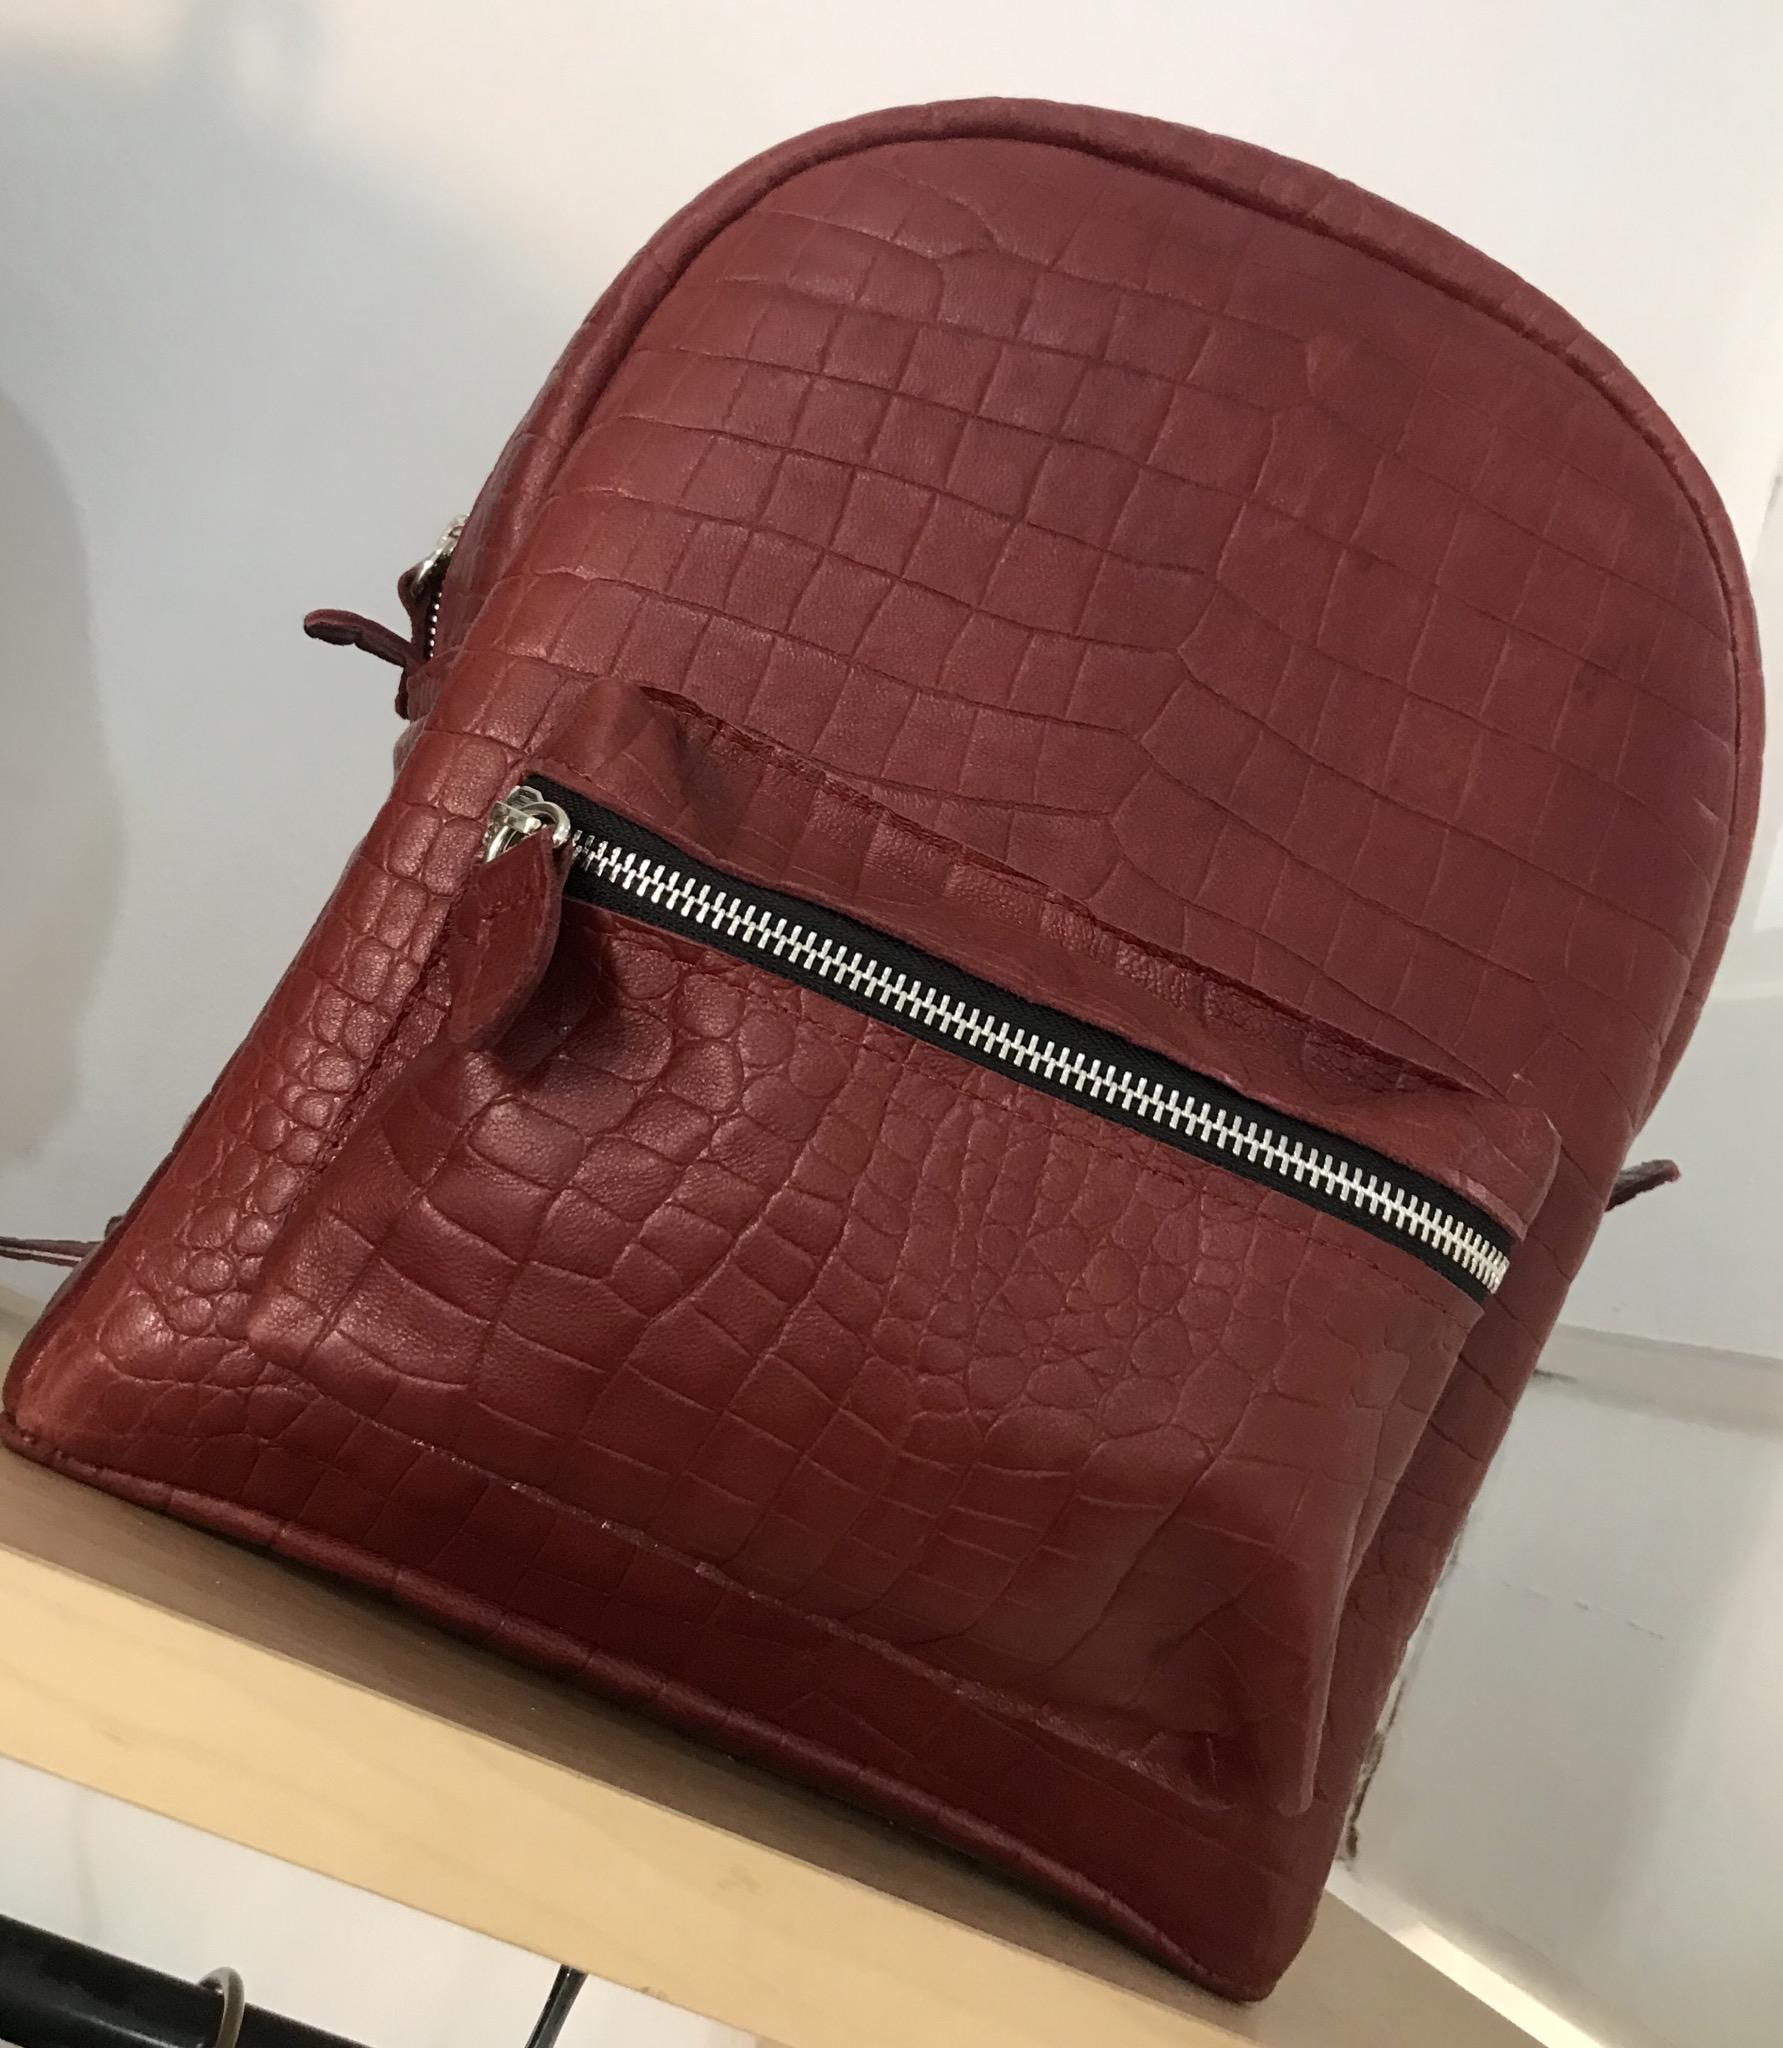 Backpack leather croco burgundy